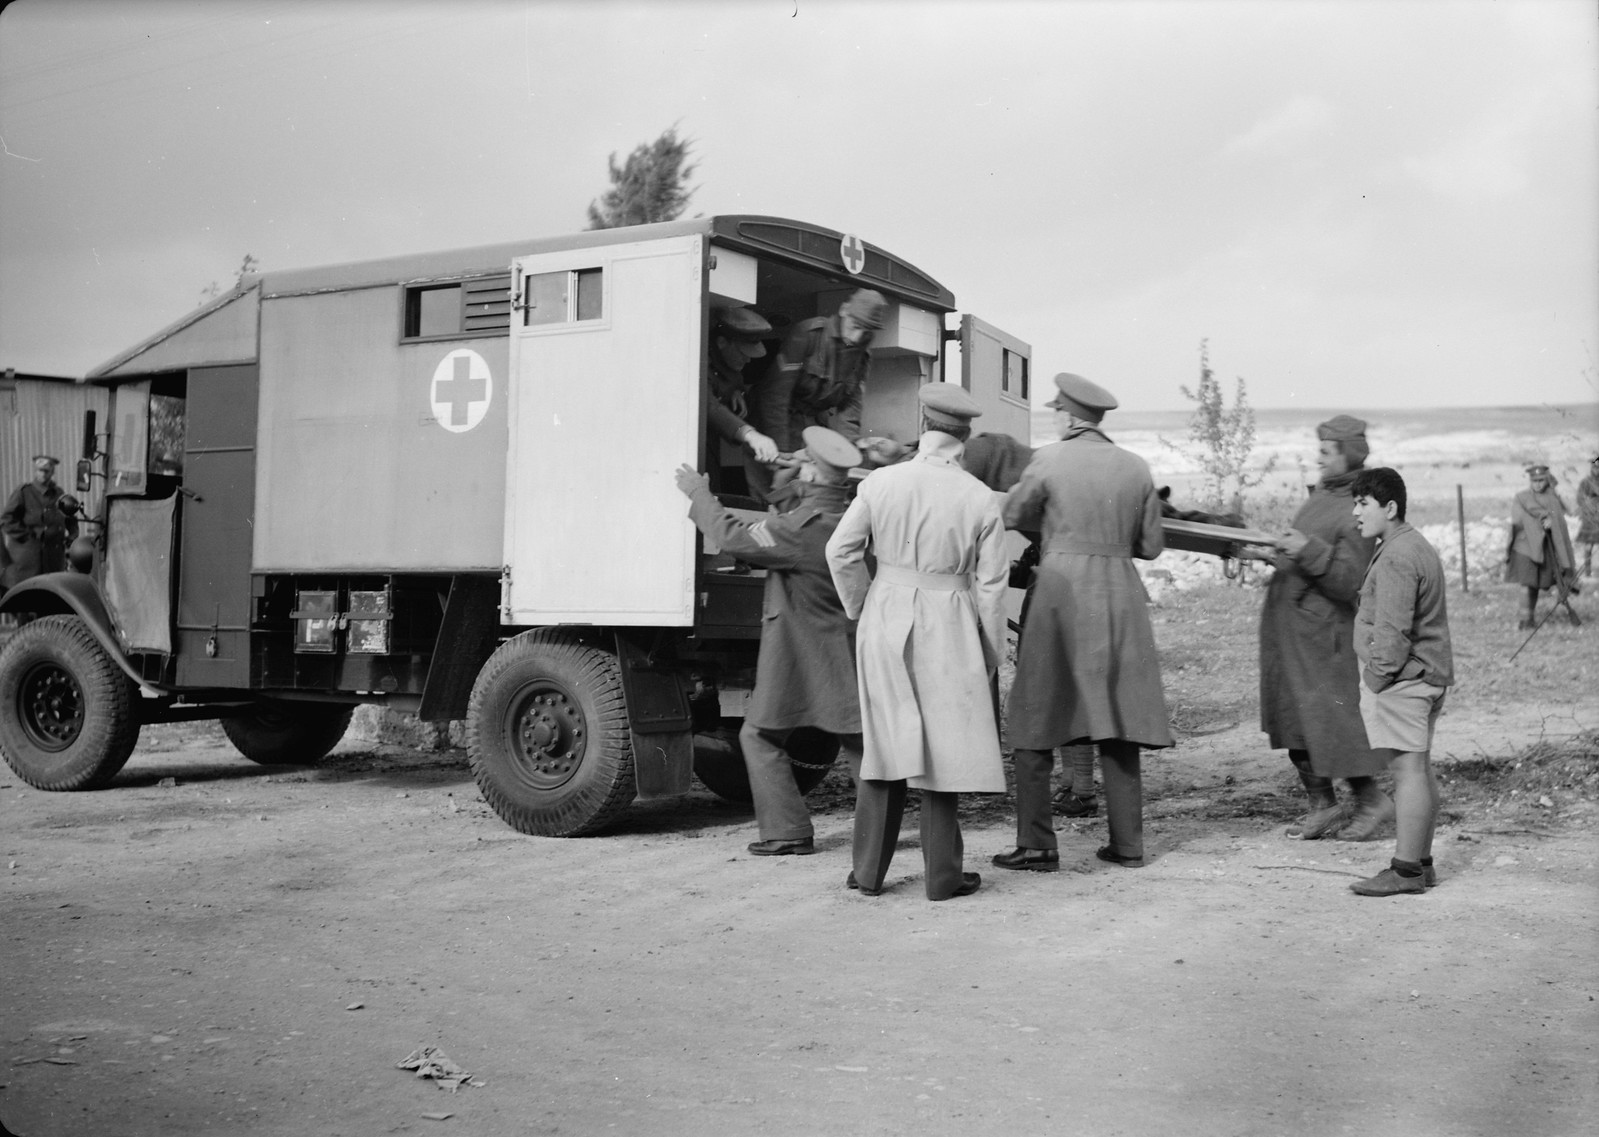 14. Итальянские пленные грузят носилки с раненым товарищем в британскую санитарную машину